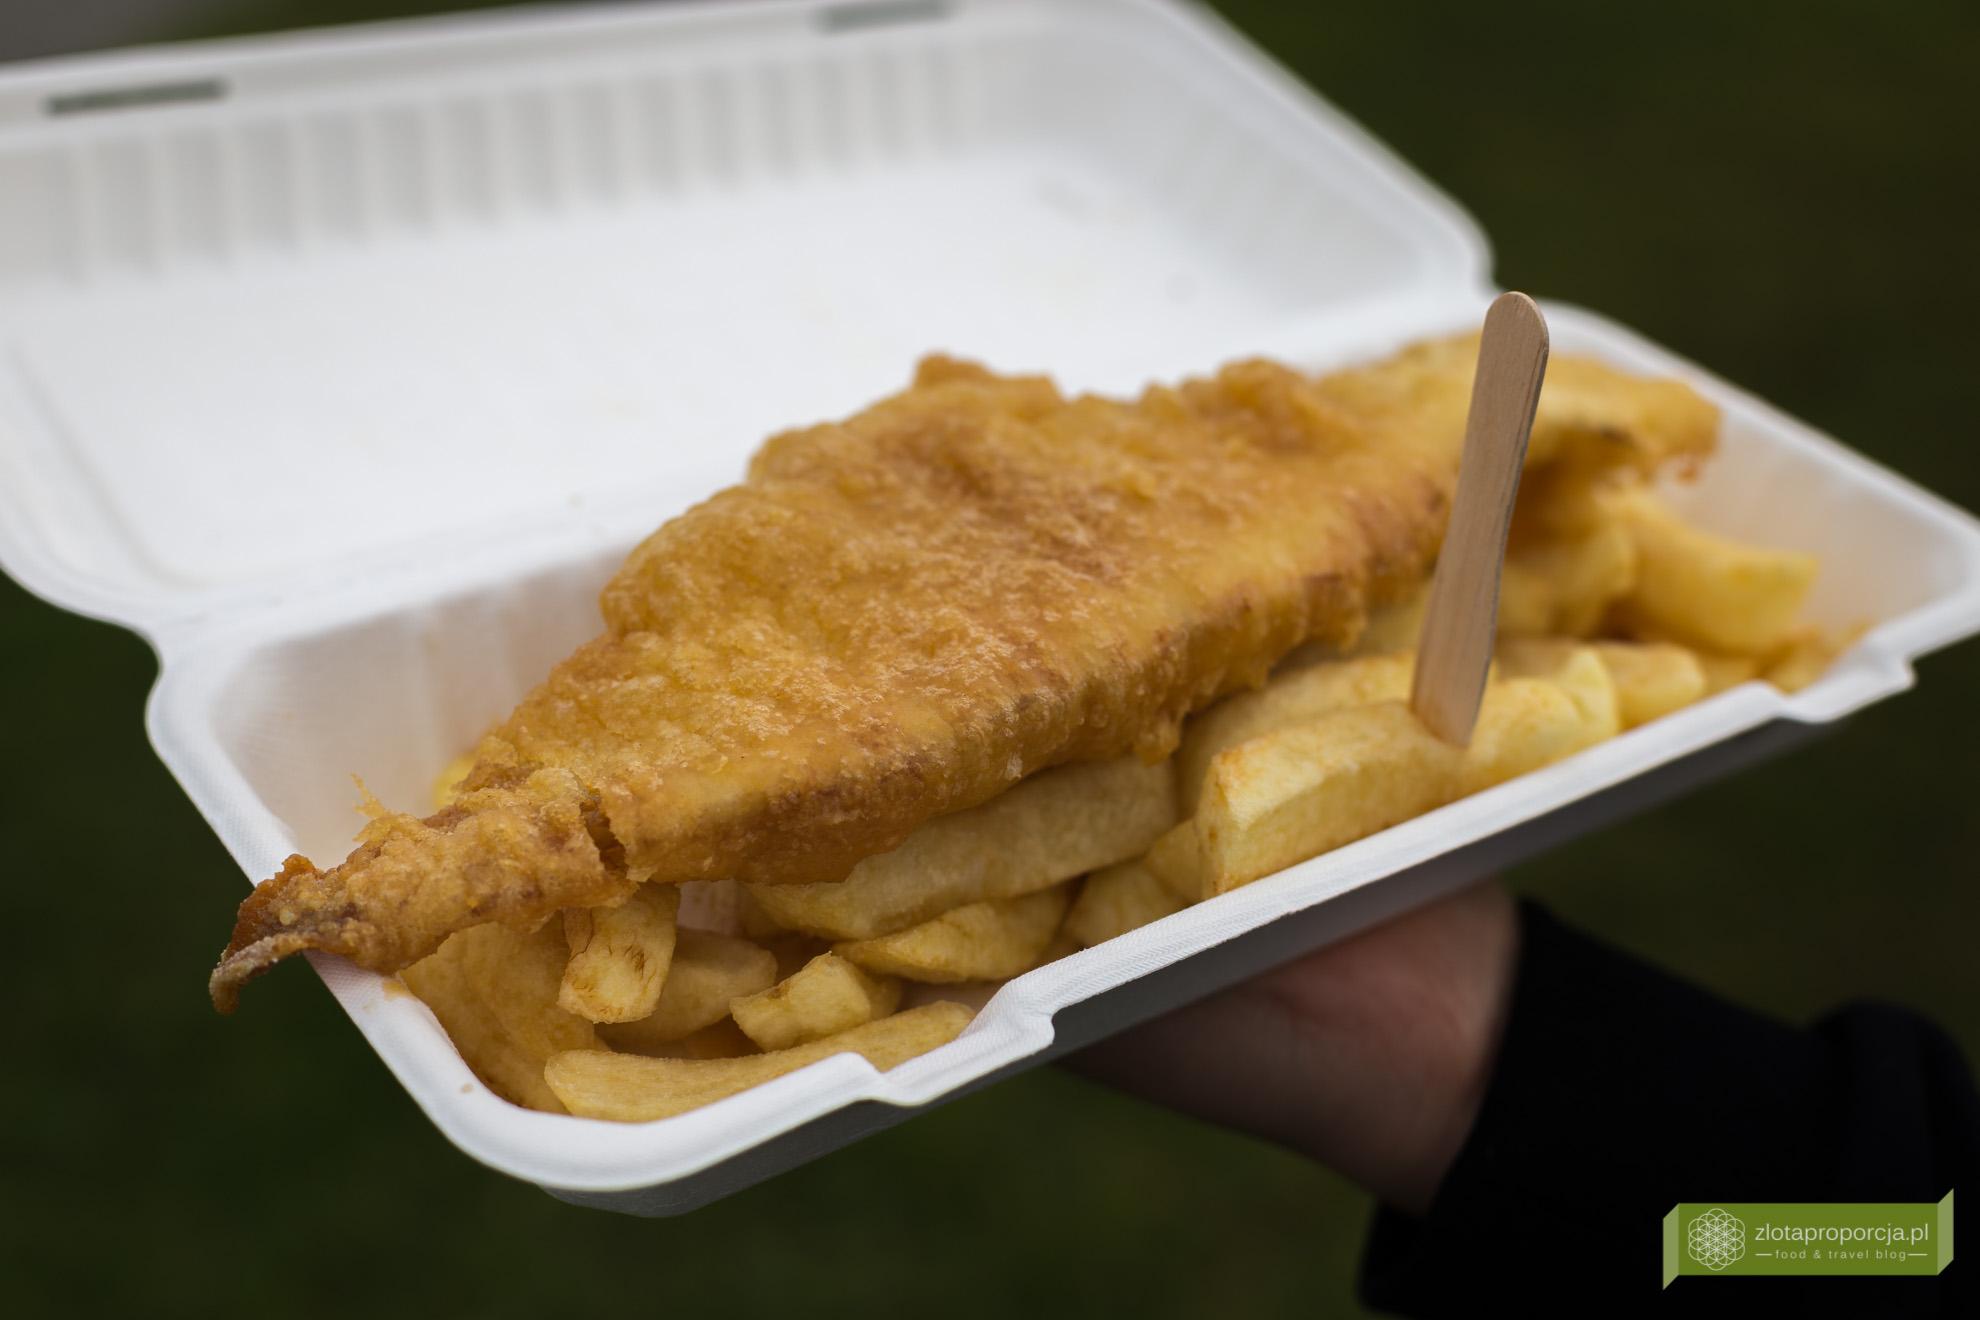 fish and chips, kuchnia szkocka, Isle of Skye, Wyspa Skye, atrakcje Szkocji, atrakcje Wyspy Skye